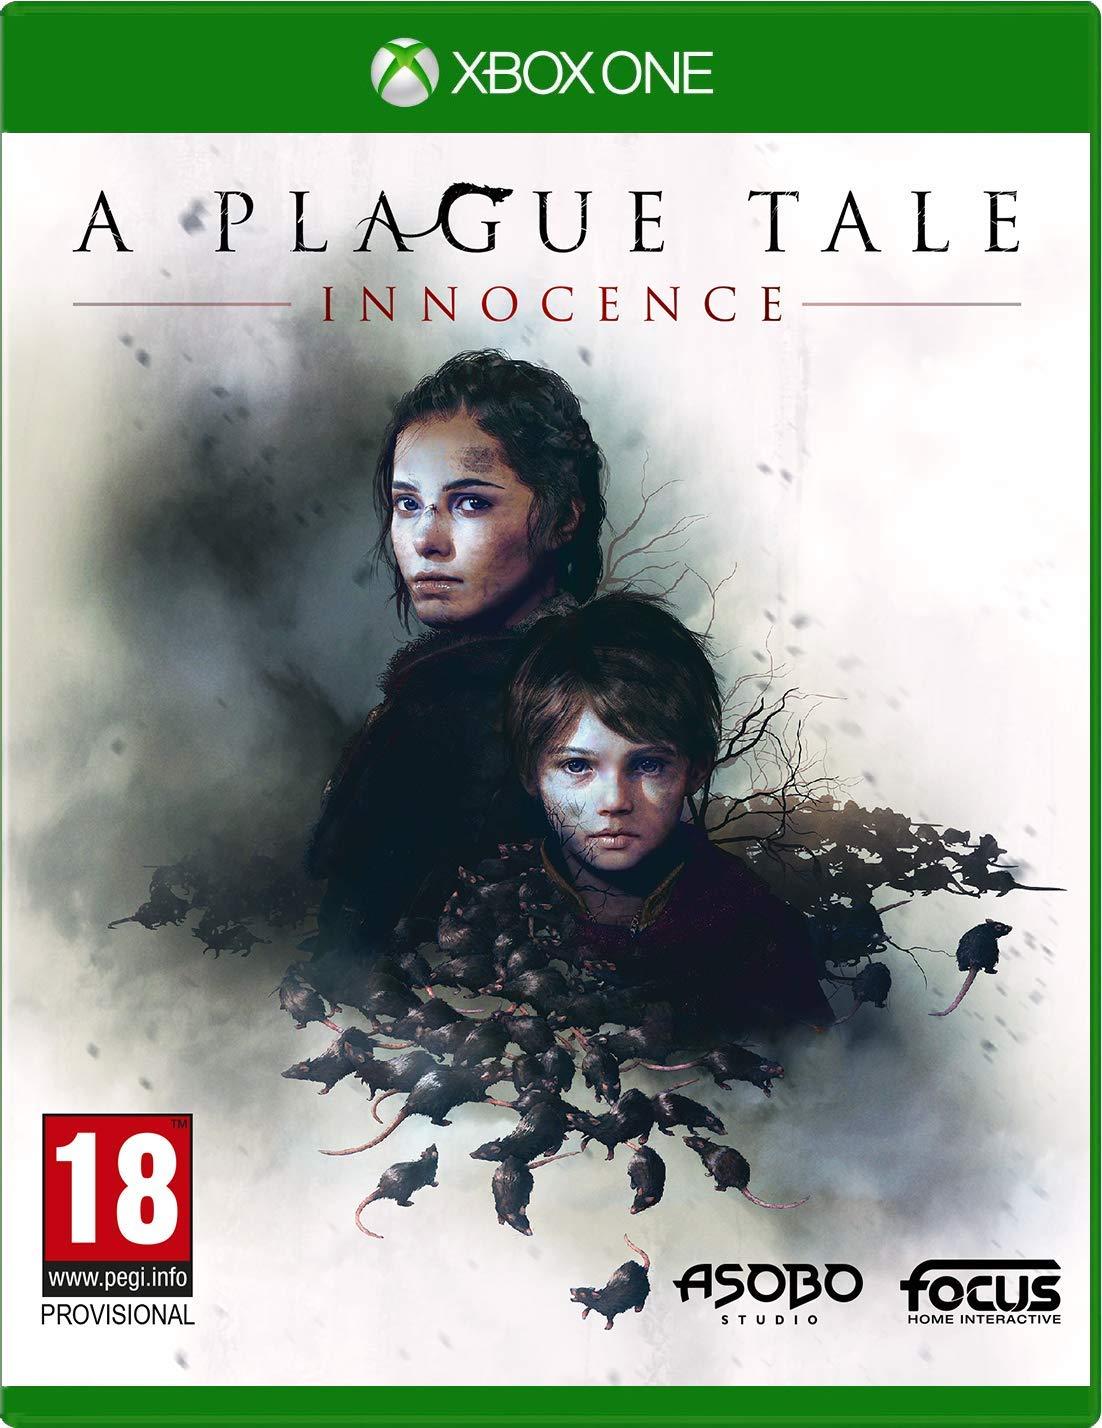 A Plague Tale: Innocence (XONE)